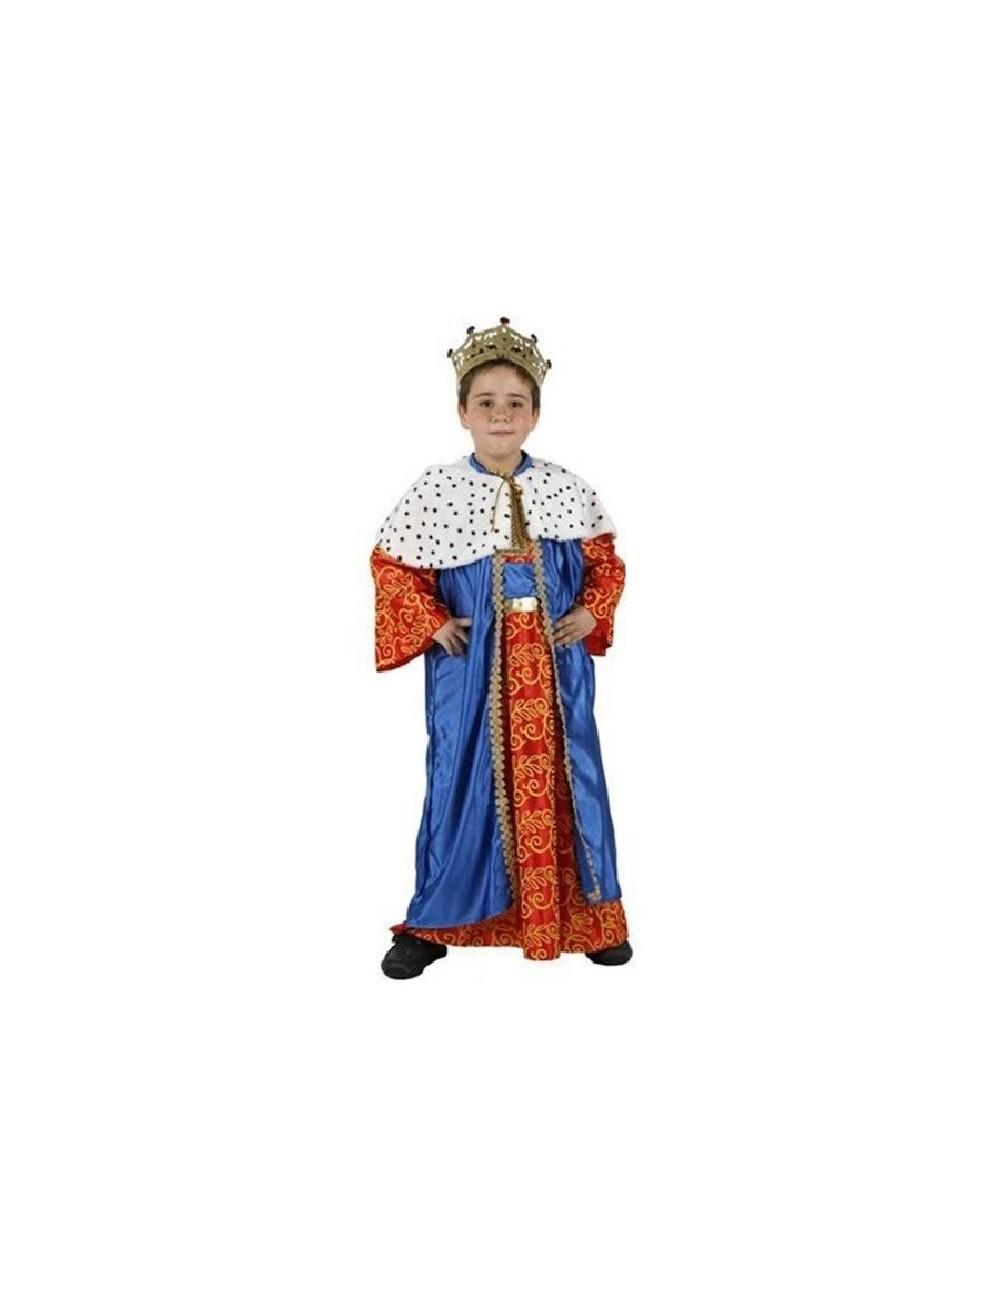 Costum Rege Mag, diverse culori, copii 5-9 ani